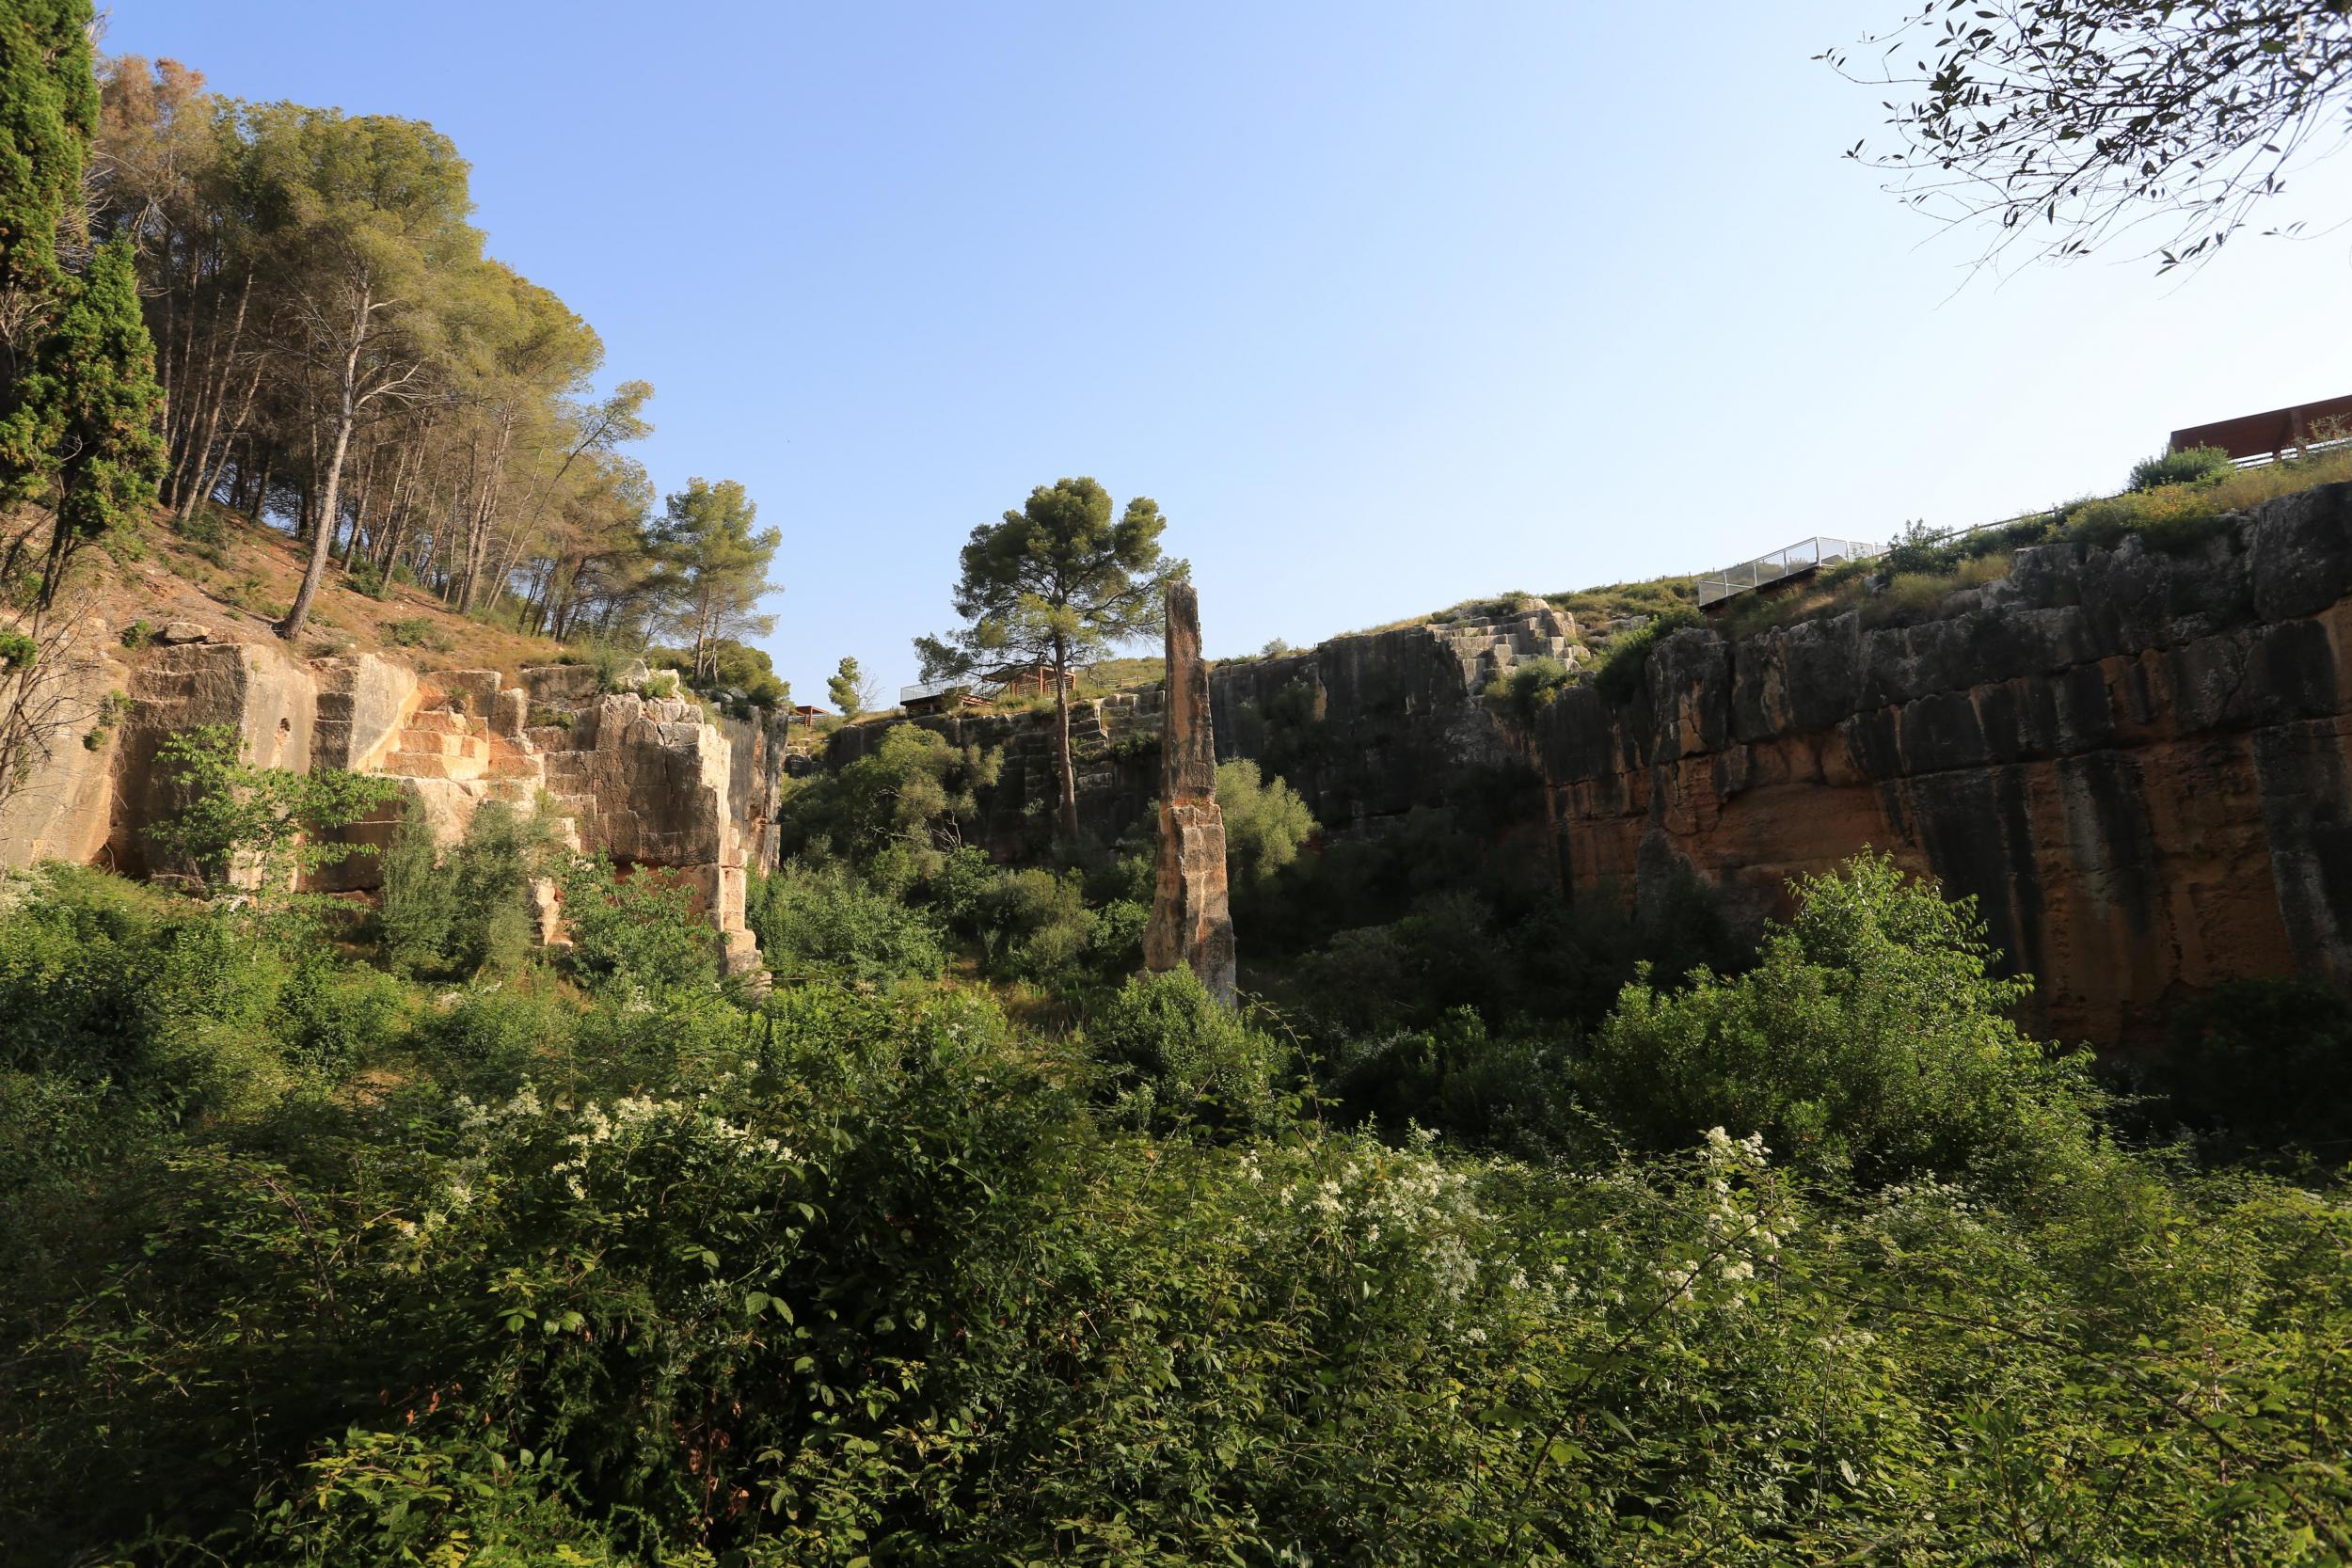 Roman route tarragona turisme - Tolder tarragona ...